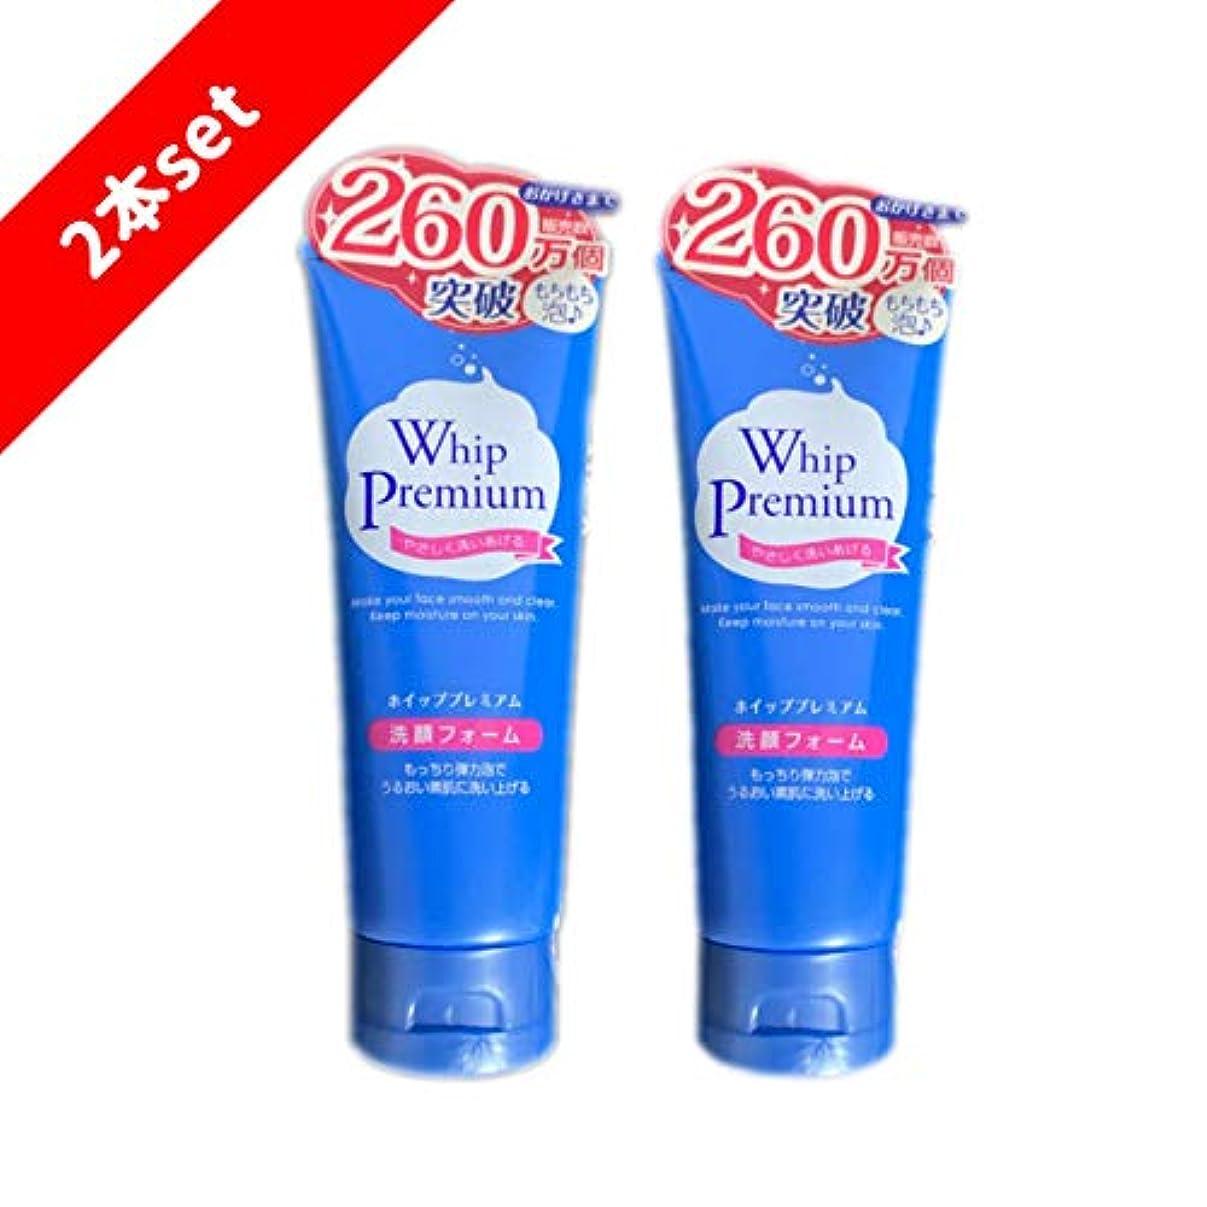 チェリーデコラティブ告白ホイッププレミマム 洗顔フォーム お得な2本セット(Whip Premium) 140g もちもち泡洗顔